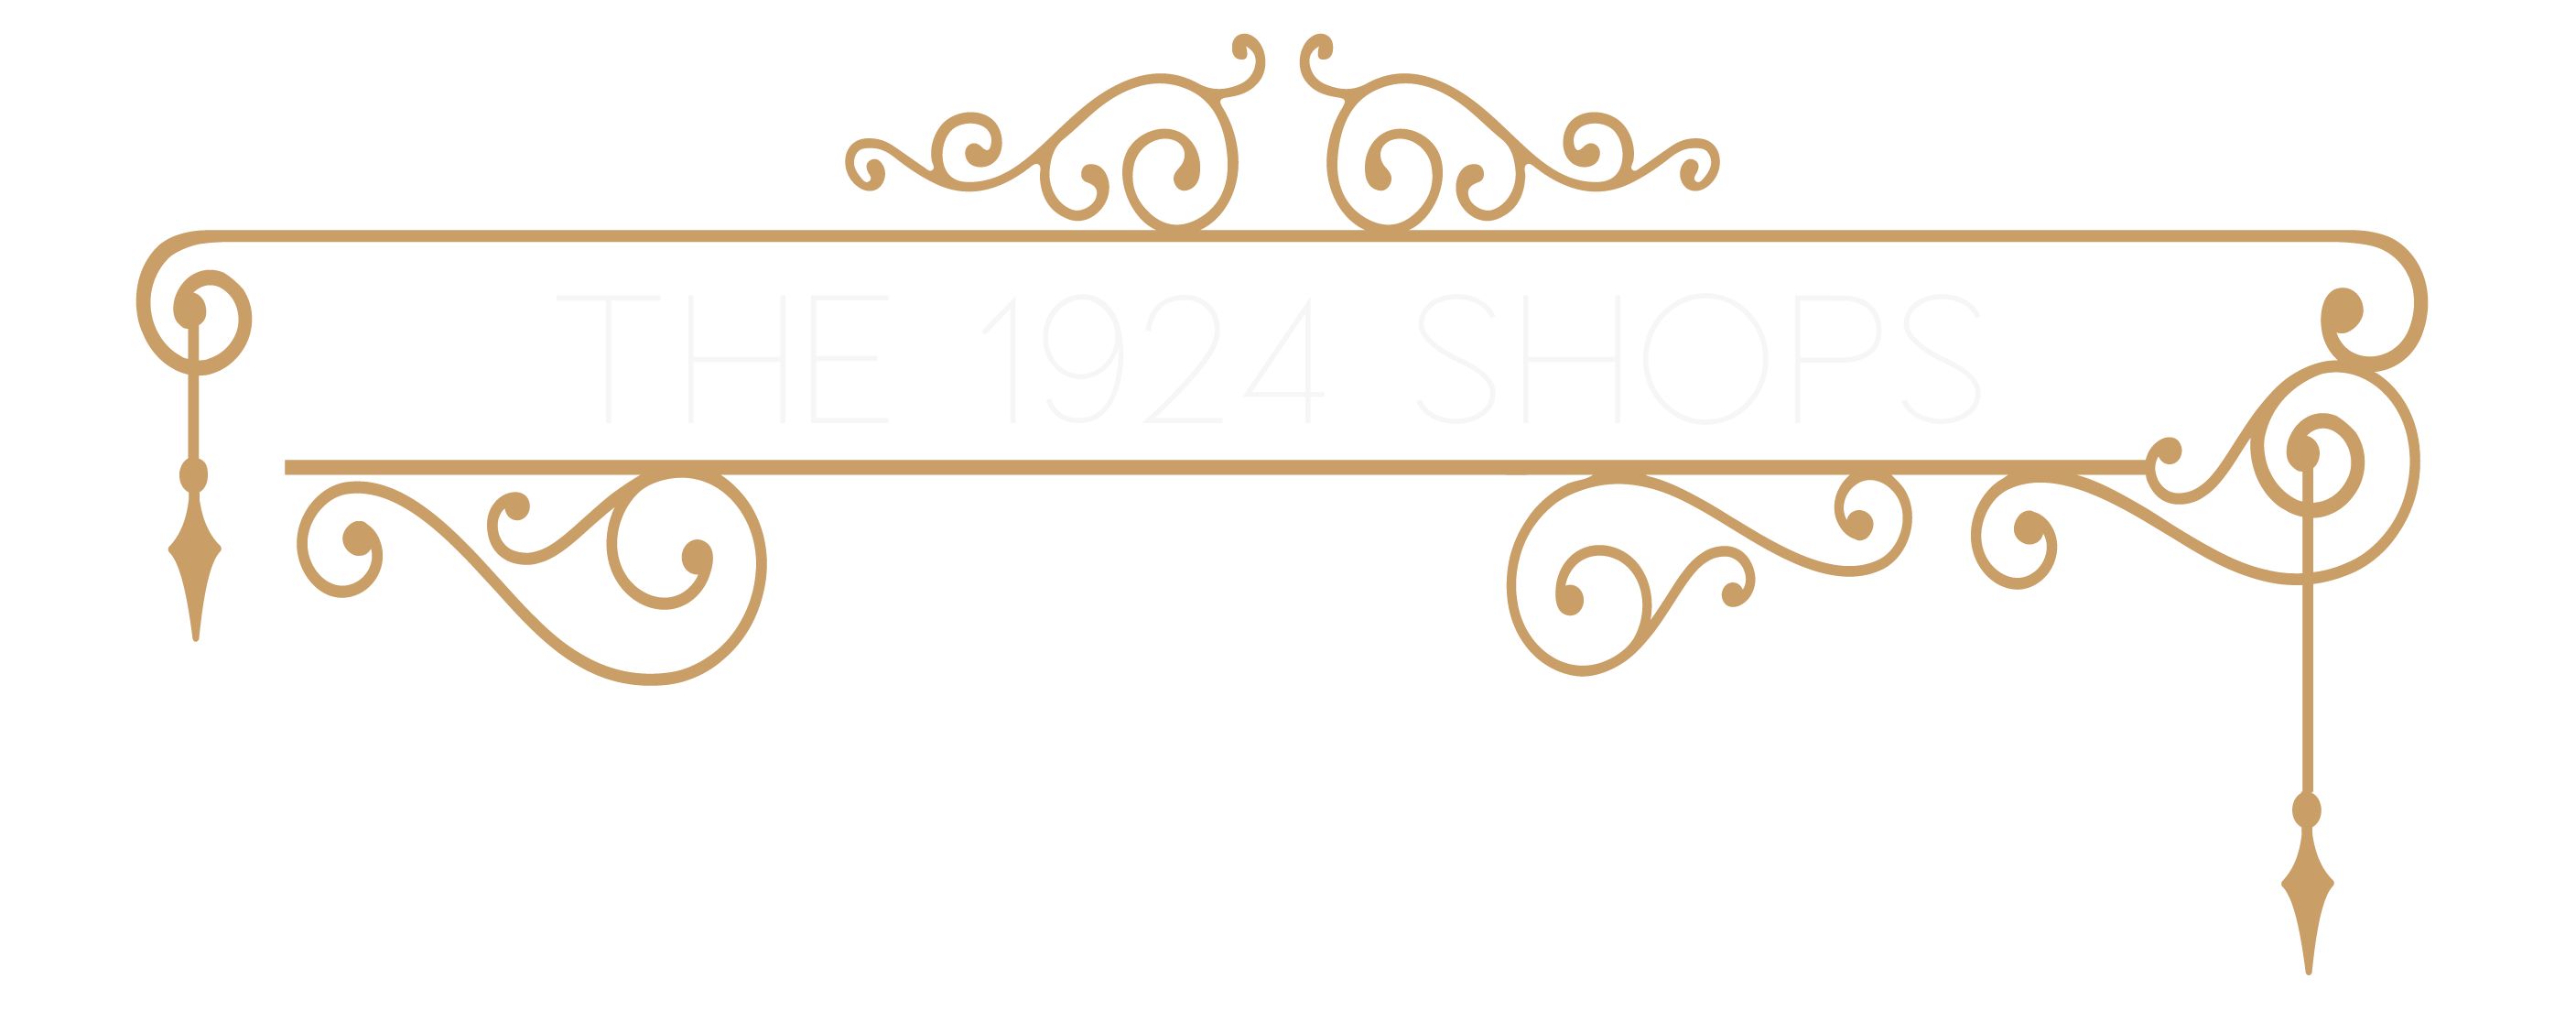 1924 shops sign